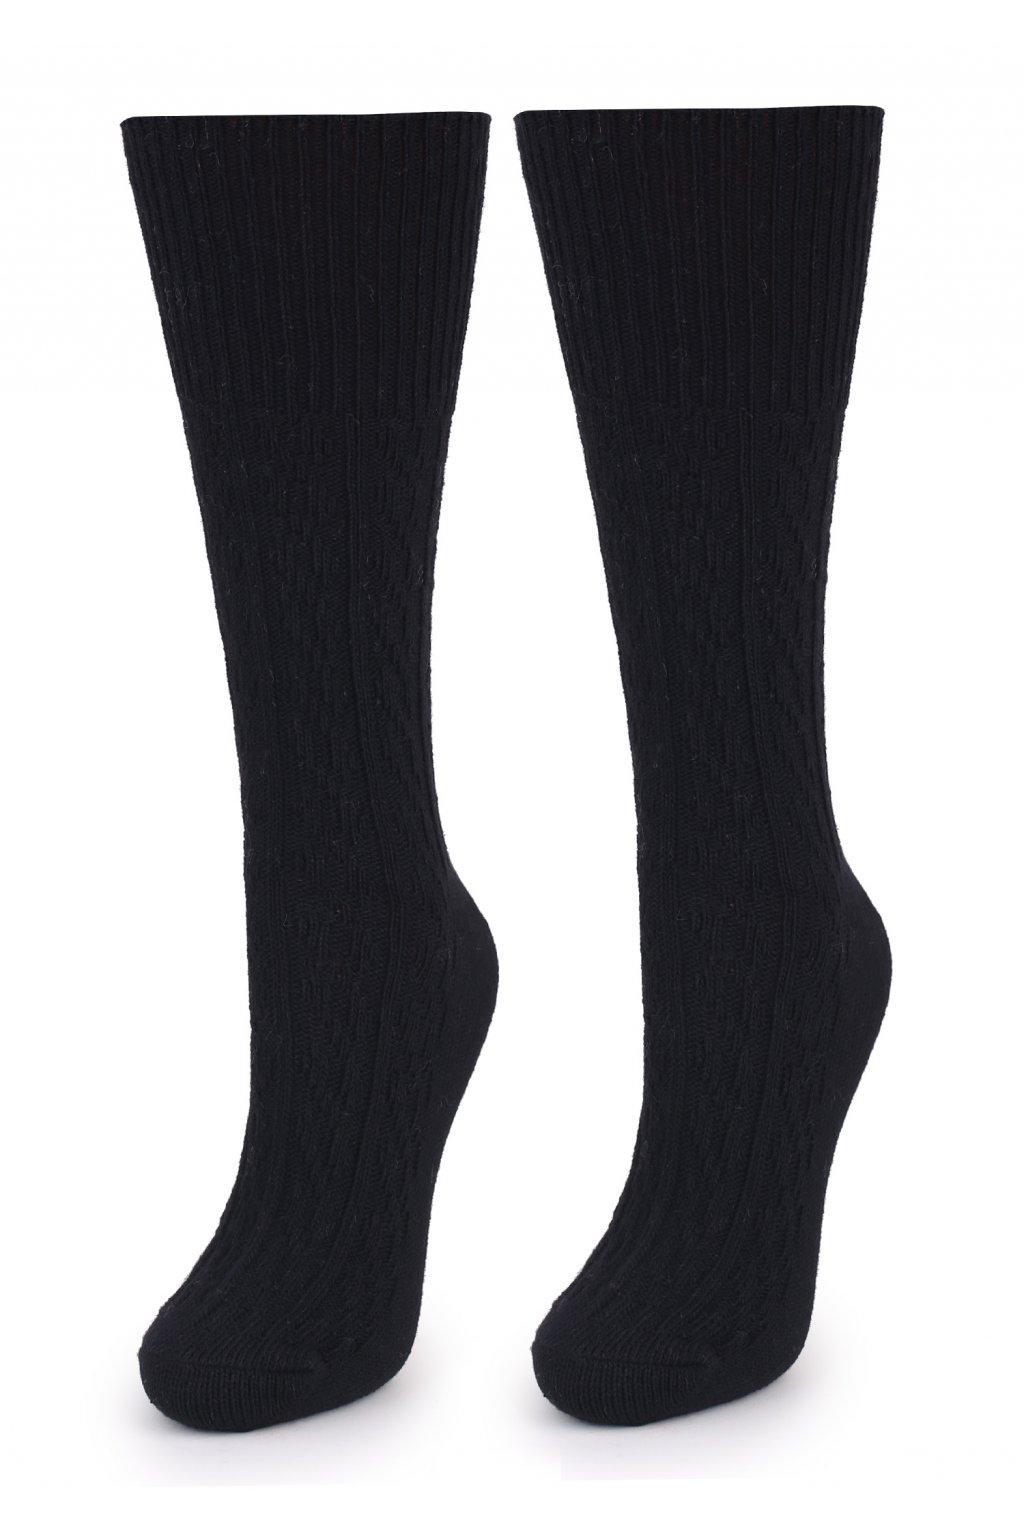 Vysoké dámské ponožky MICRO COSTINA 845